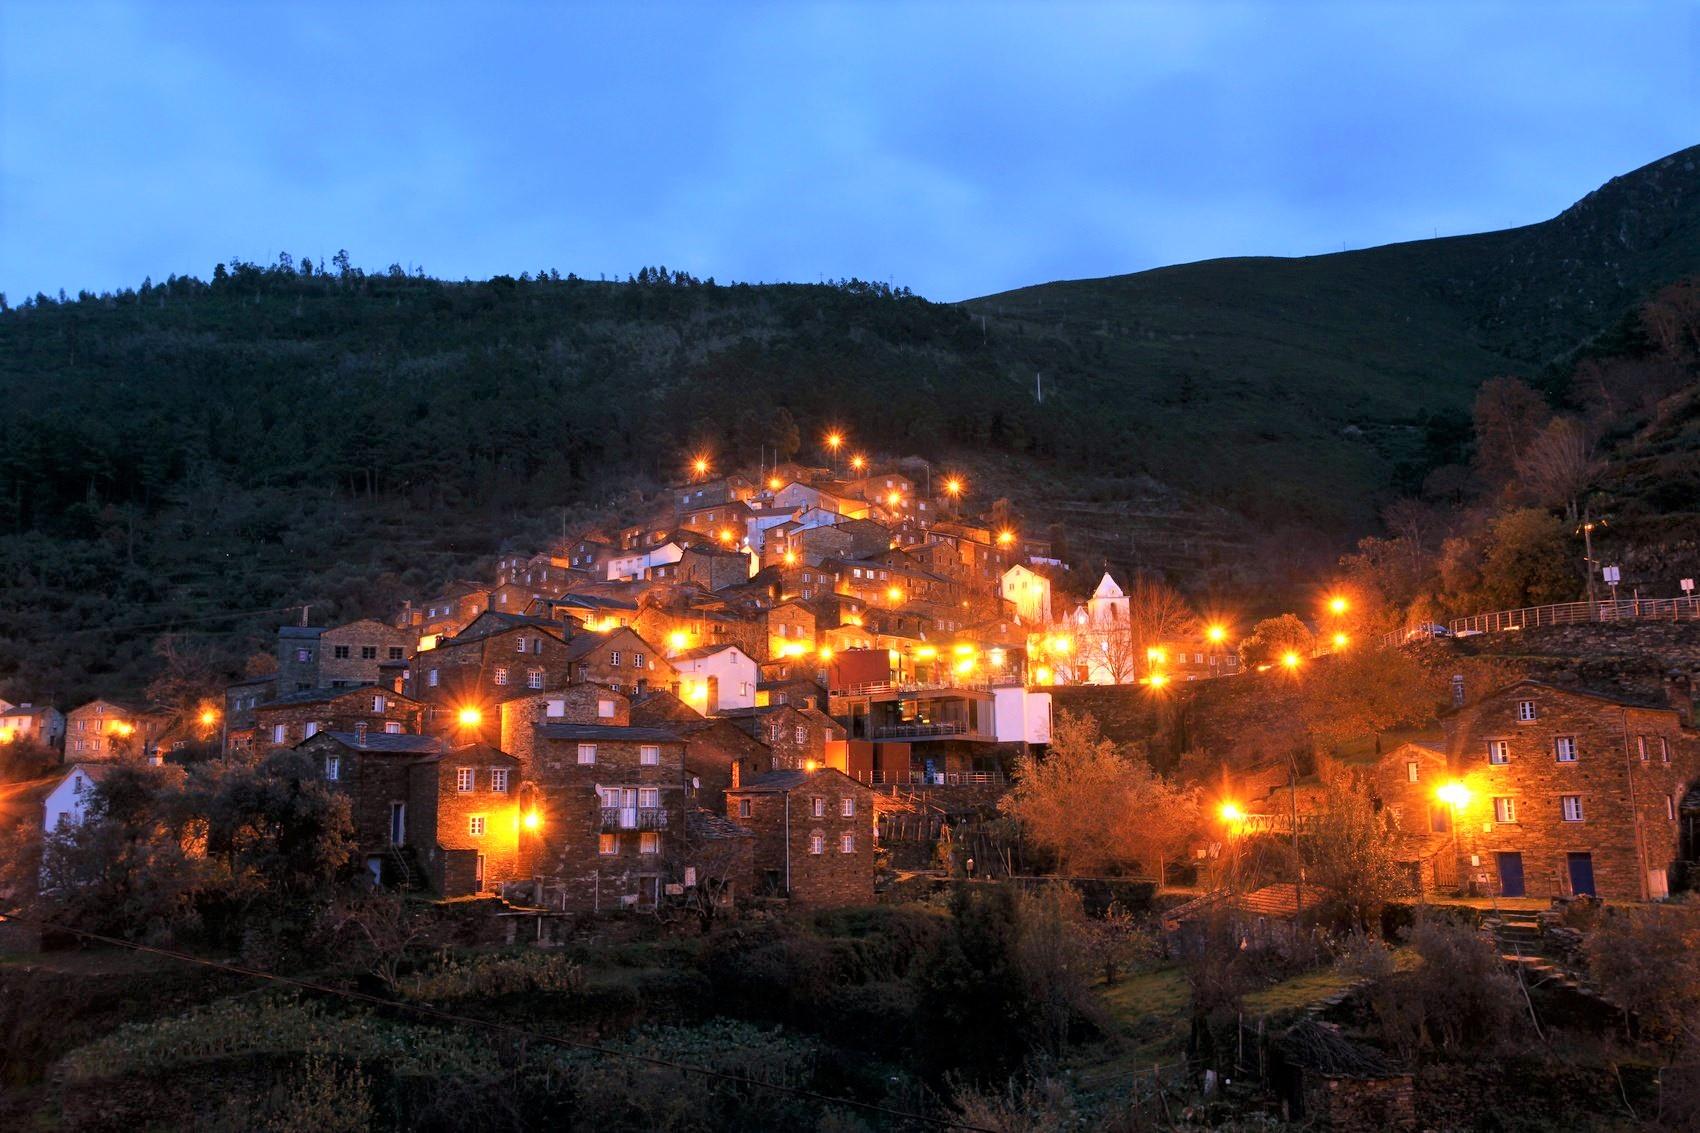 美しいピオダン村の夜景